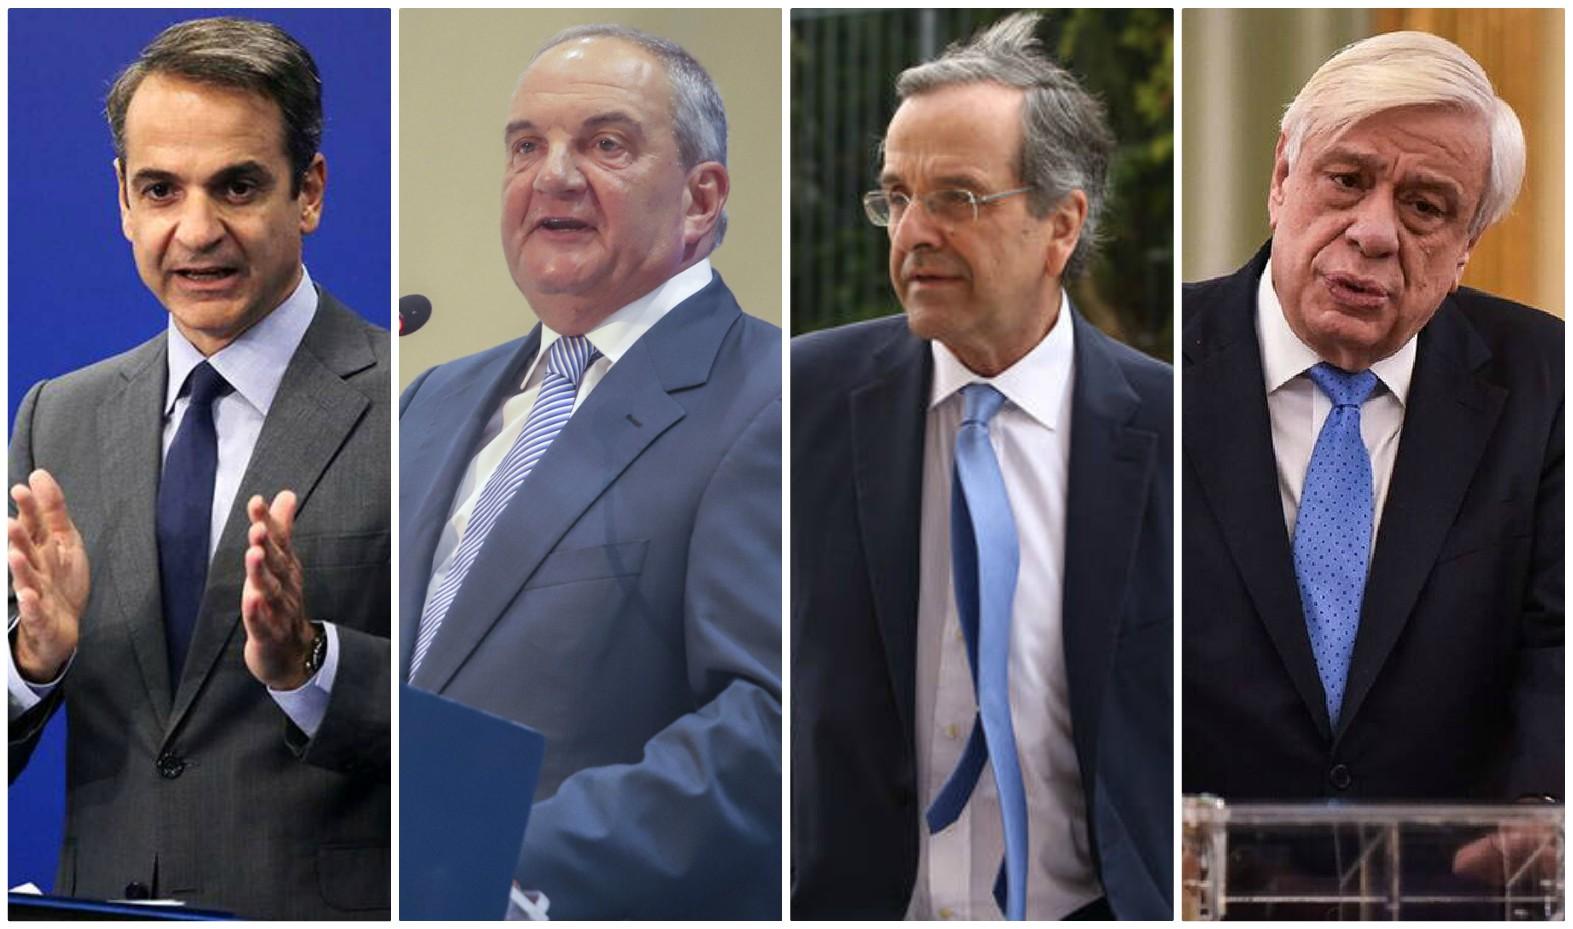 Δημοσκόπηση: Πόσοι επιθυμούν δεύτερη θητεία του Προκόπη Παυλόπουλου – Πώς «βλέπουν» την περίπτωση του Κώστα Καραμανλή..;